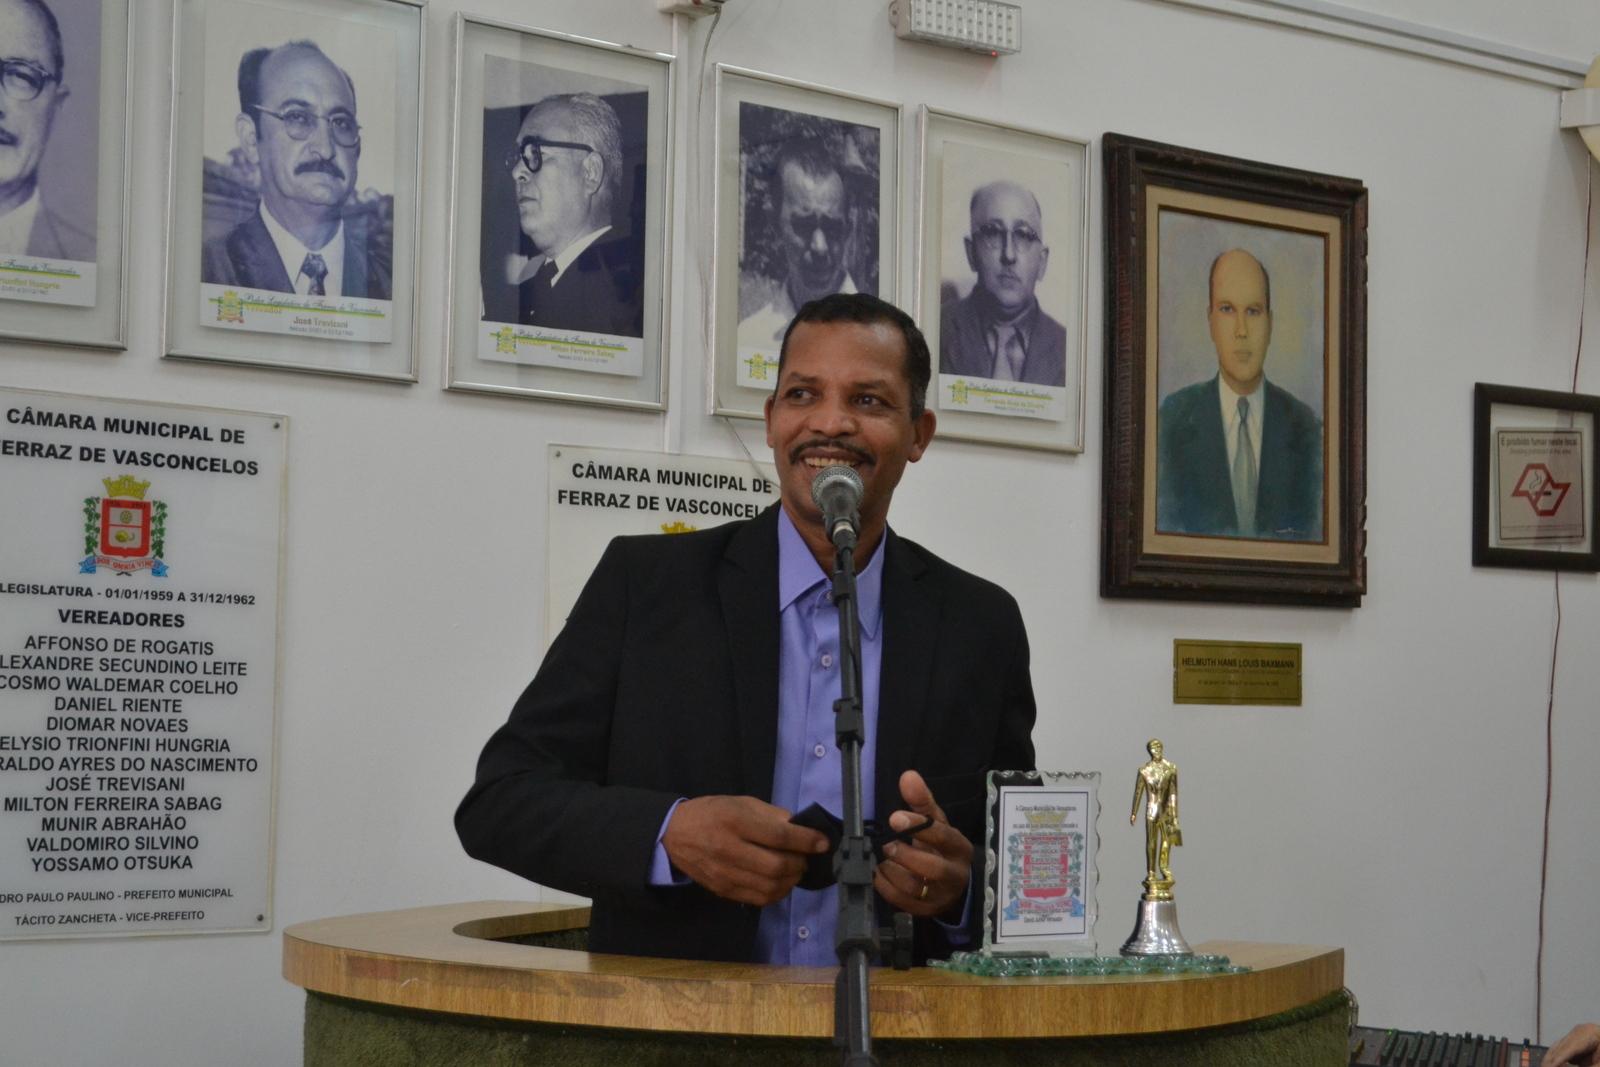 Câmara Municipal concede o título de cidadão ao pastor Aílton da Igreja O Brasil para Cristo